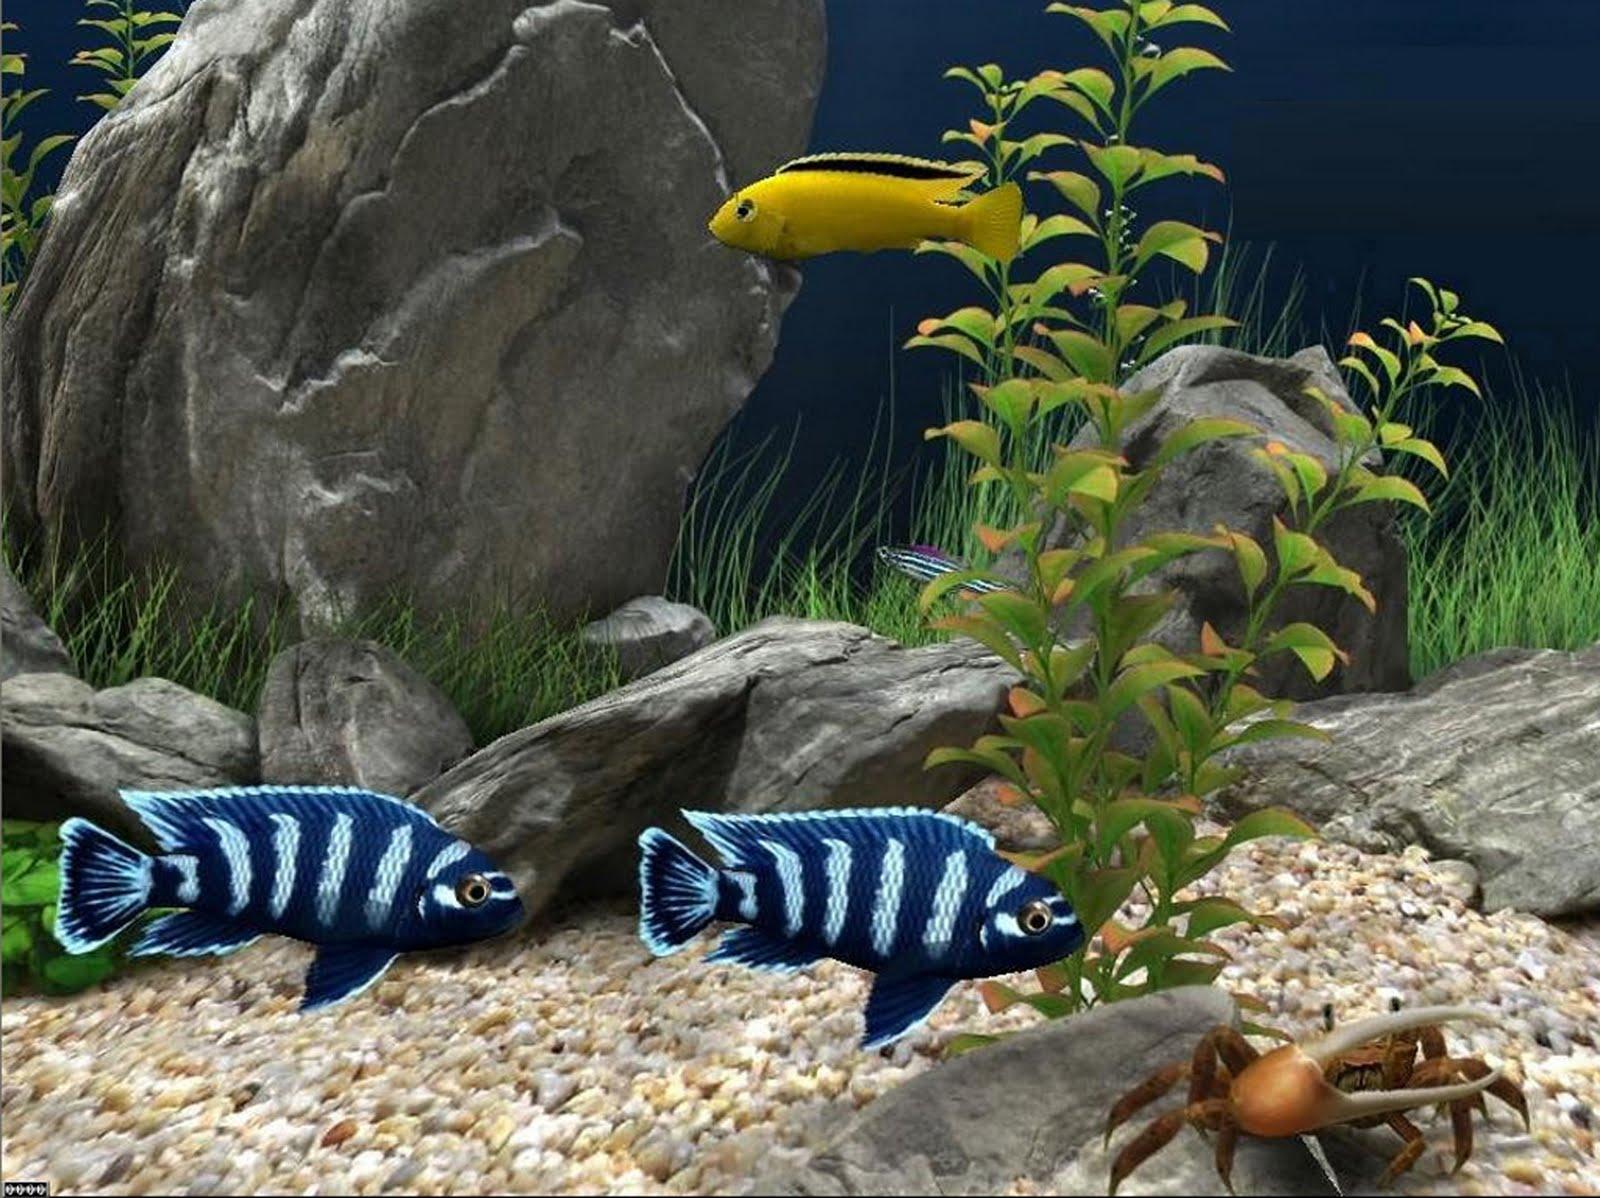 http://3.bp.blogspot.com/_h5fbT7fth-M/TLuQ8tg76RI/AAAAAAAAFl8/GUU5kAqFQek/s1600/Dream_Aquarium_Screensaver.jpg